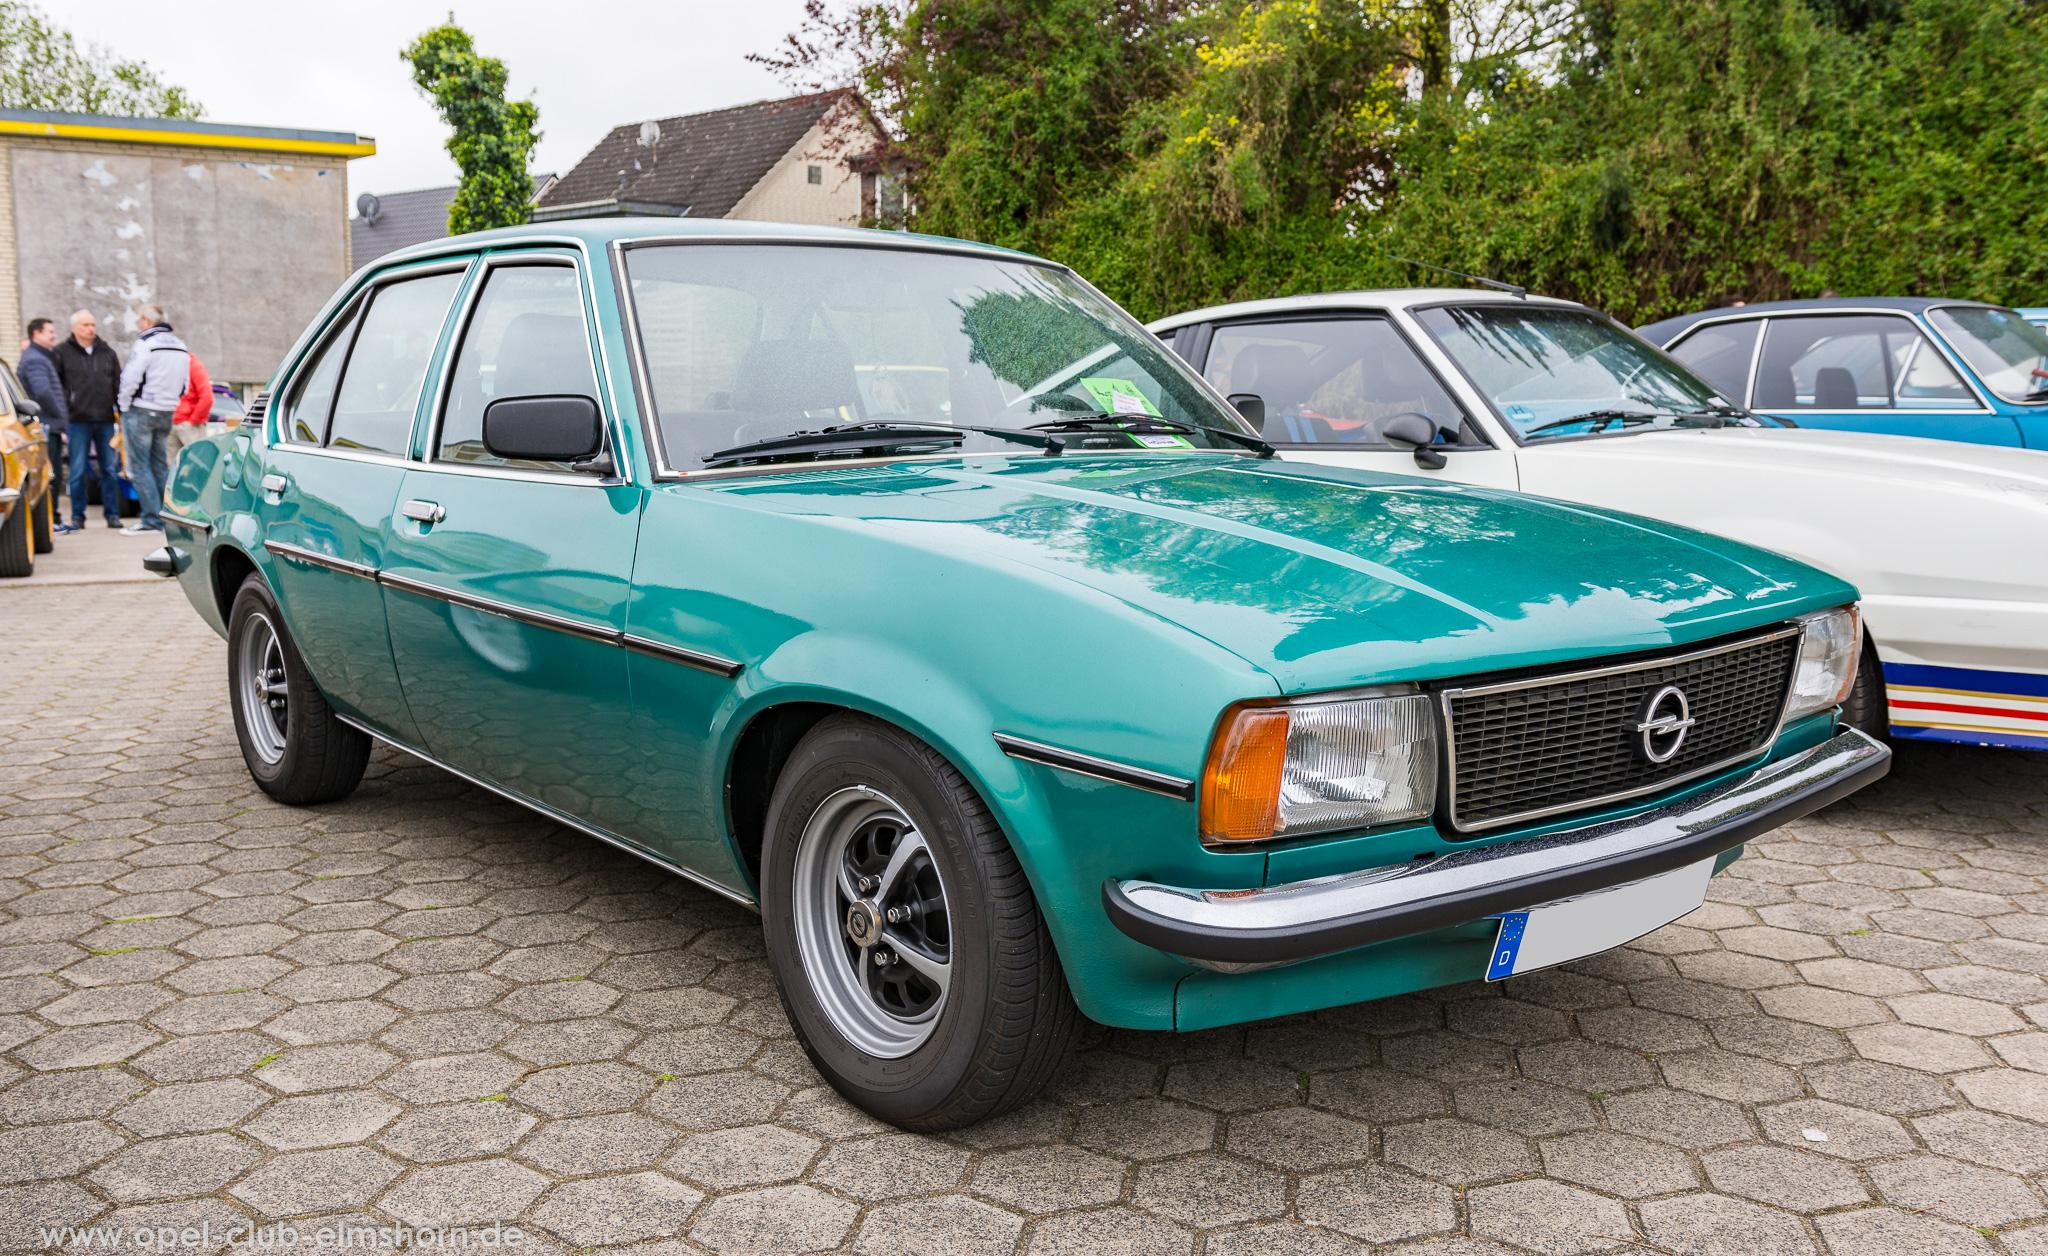 Altopeltreffen Wedel 2019 - 20190501_113216 - Opel Ascona B